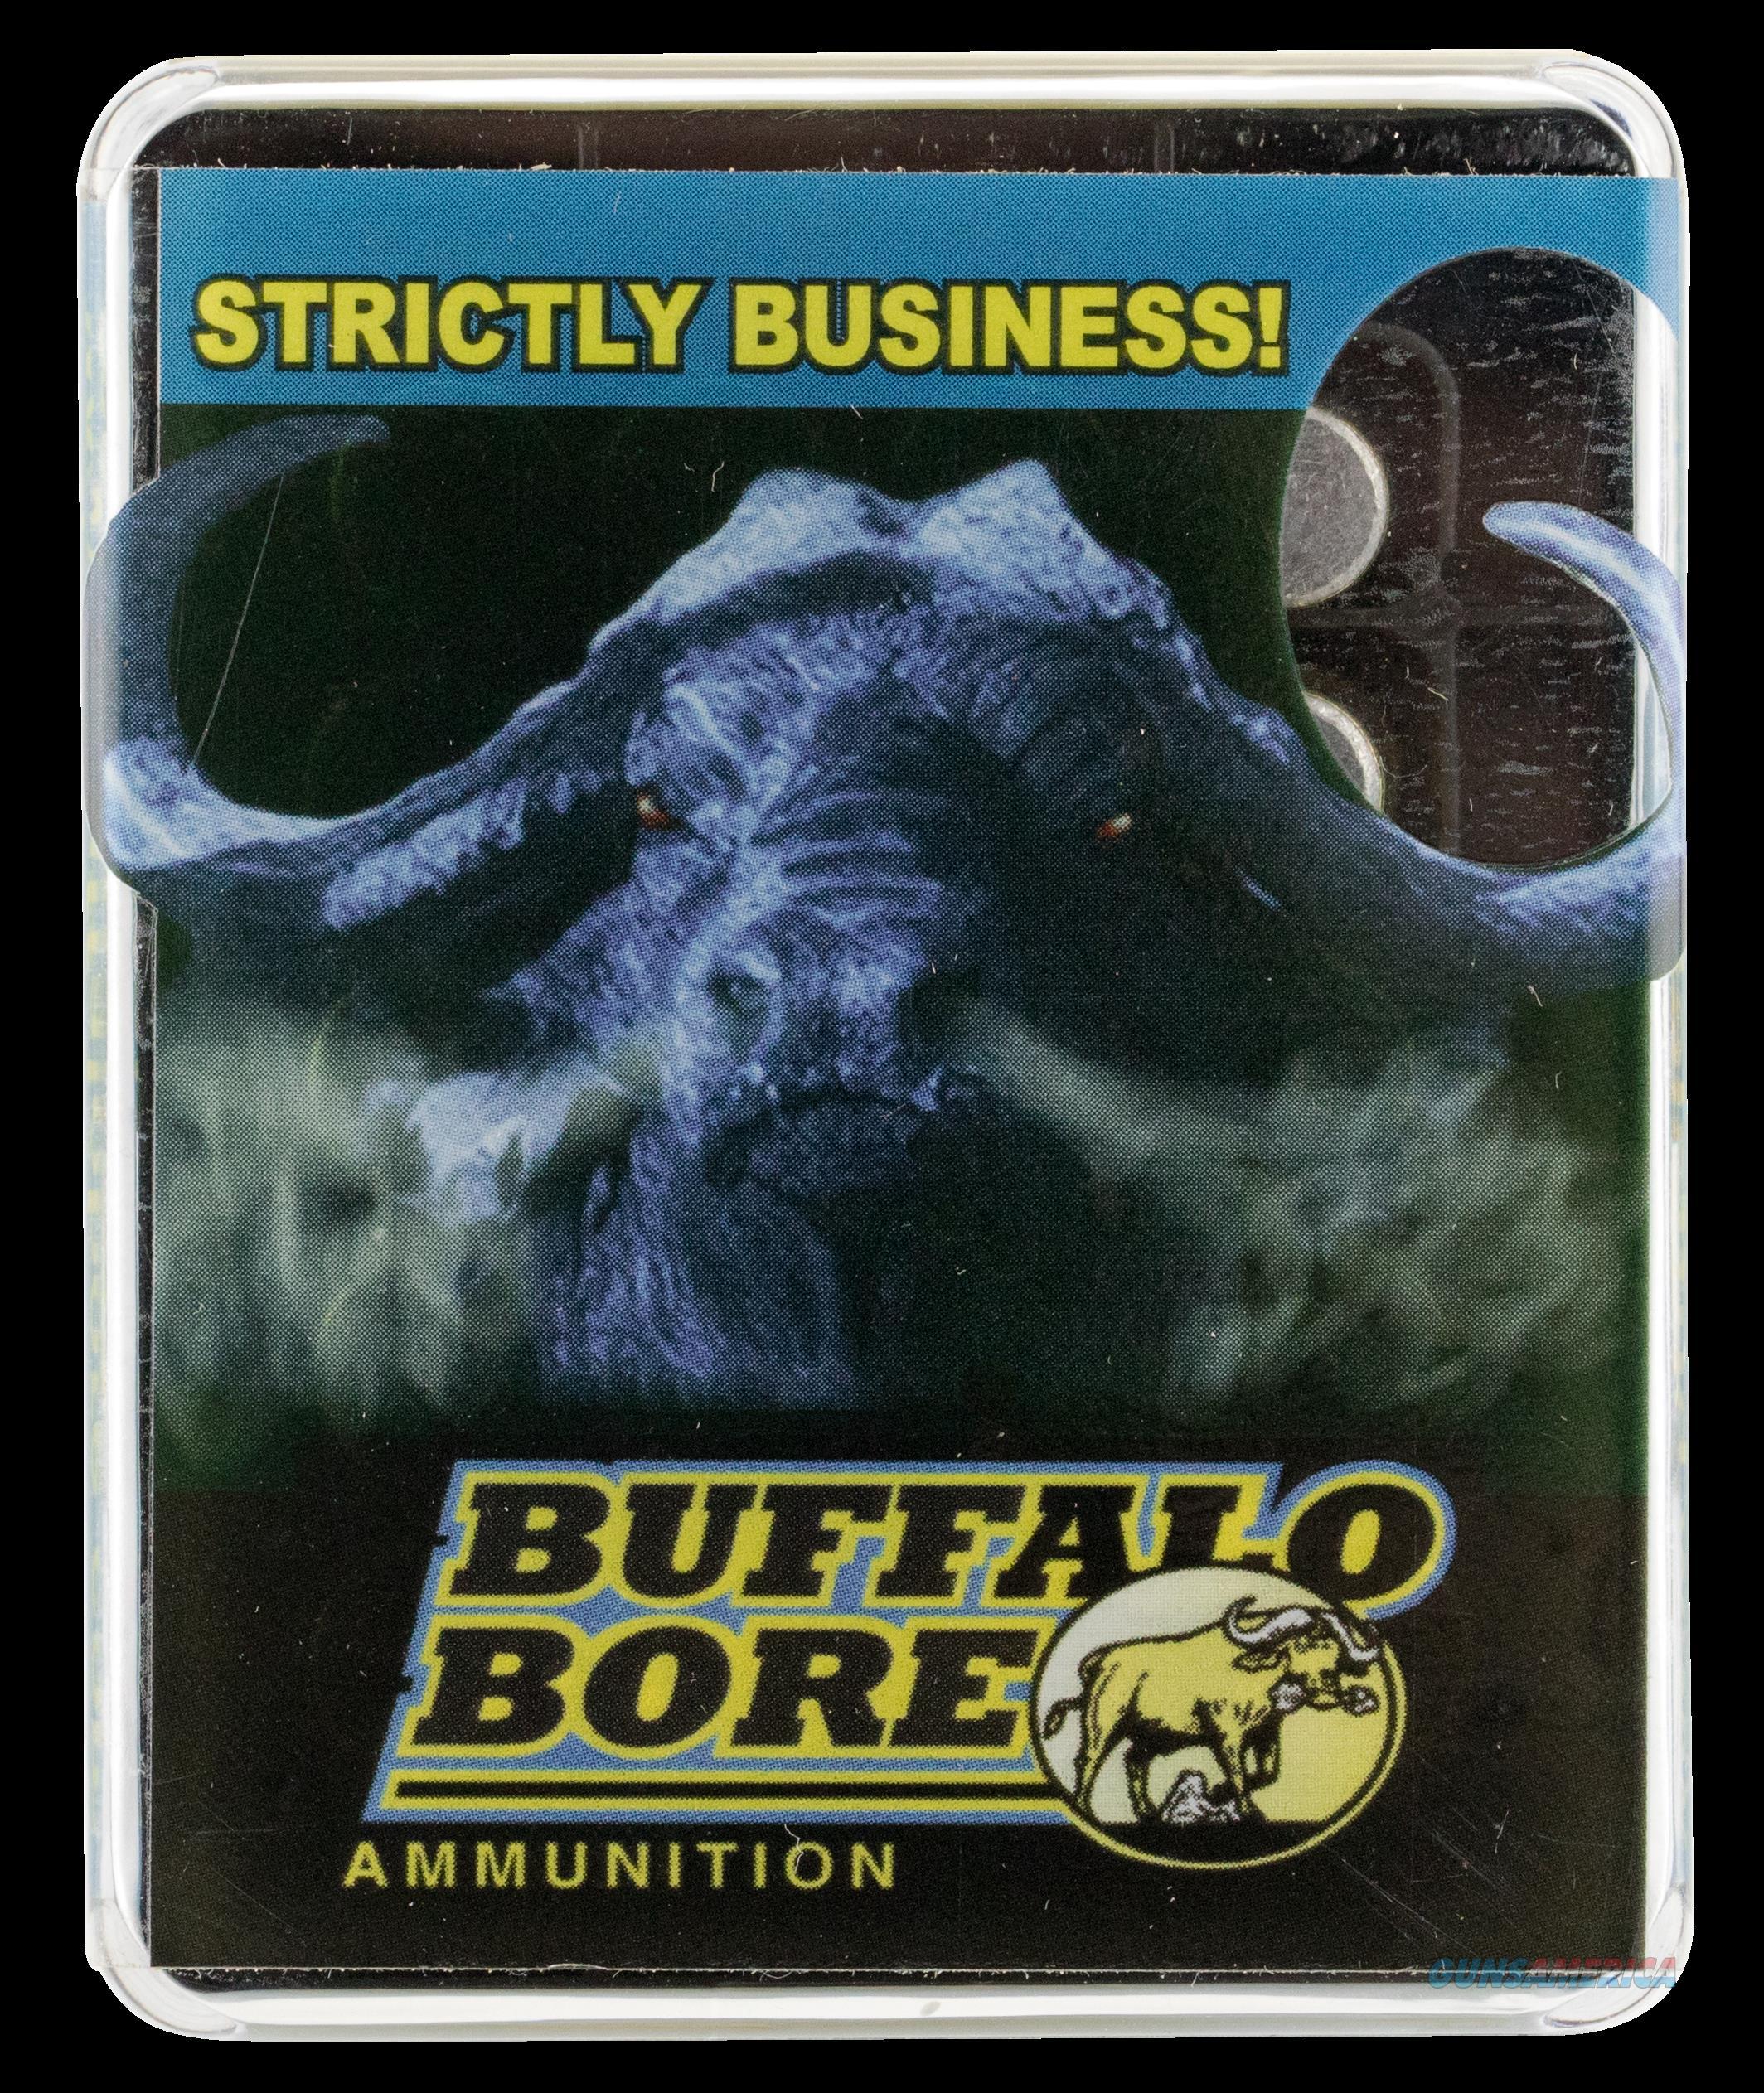 Buffalo Bore Ammunition Anti-personnel, Bba 4j-20 44rm 200g Hc Wc Ap     20-12  Guns > Pistols > 1911 Pistol Copies (non-Colt)